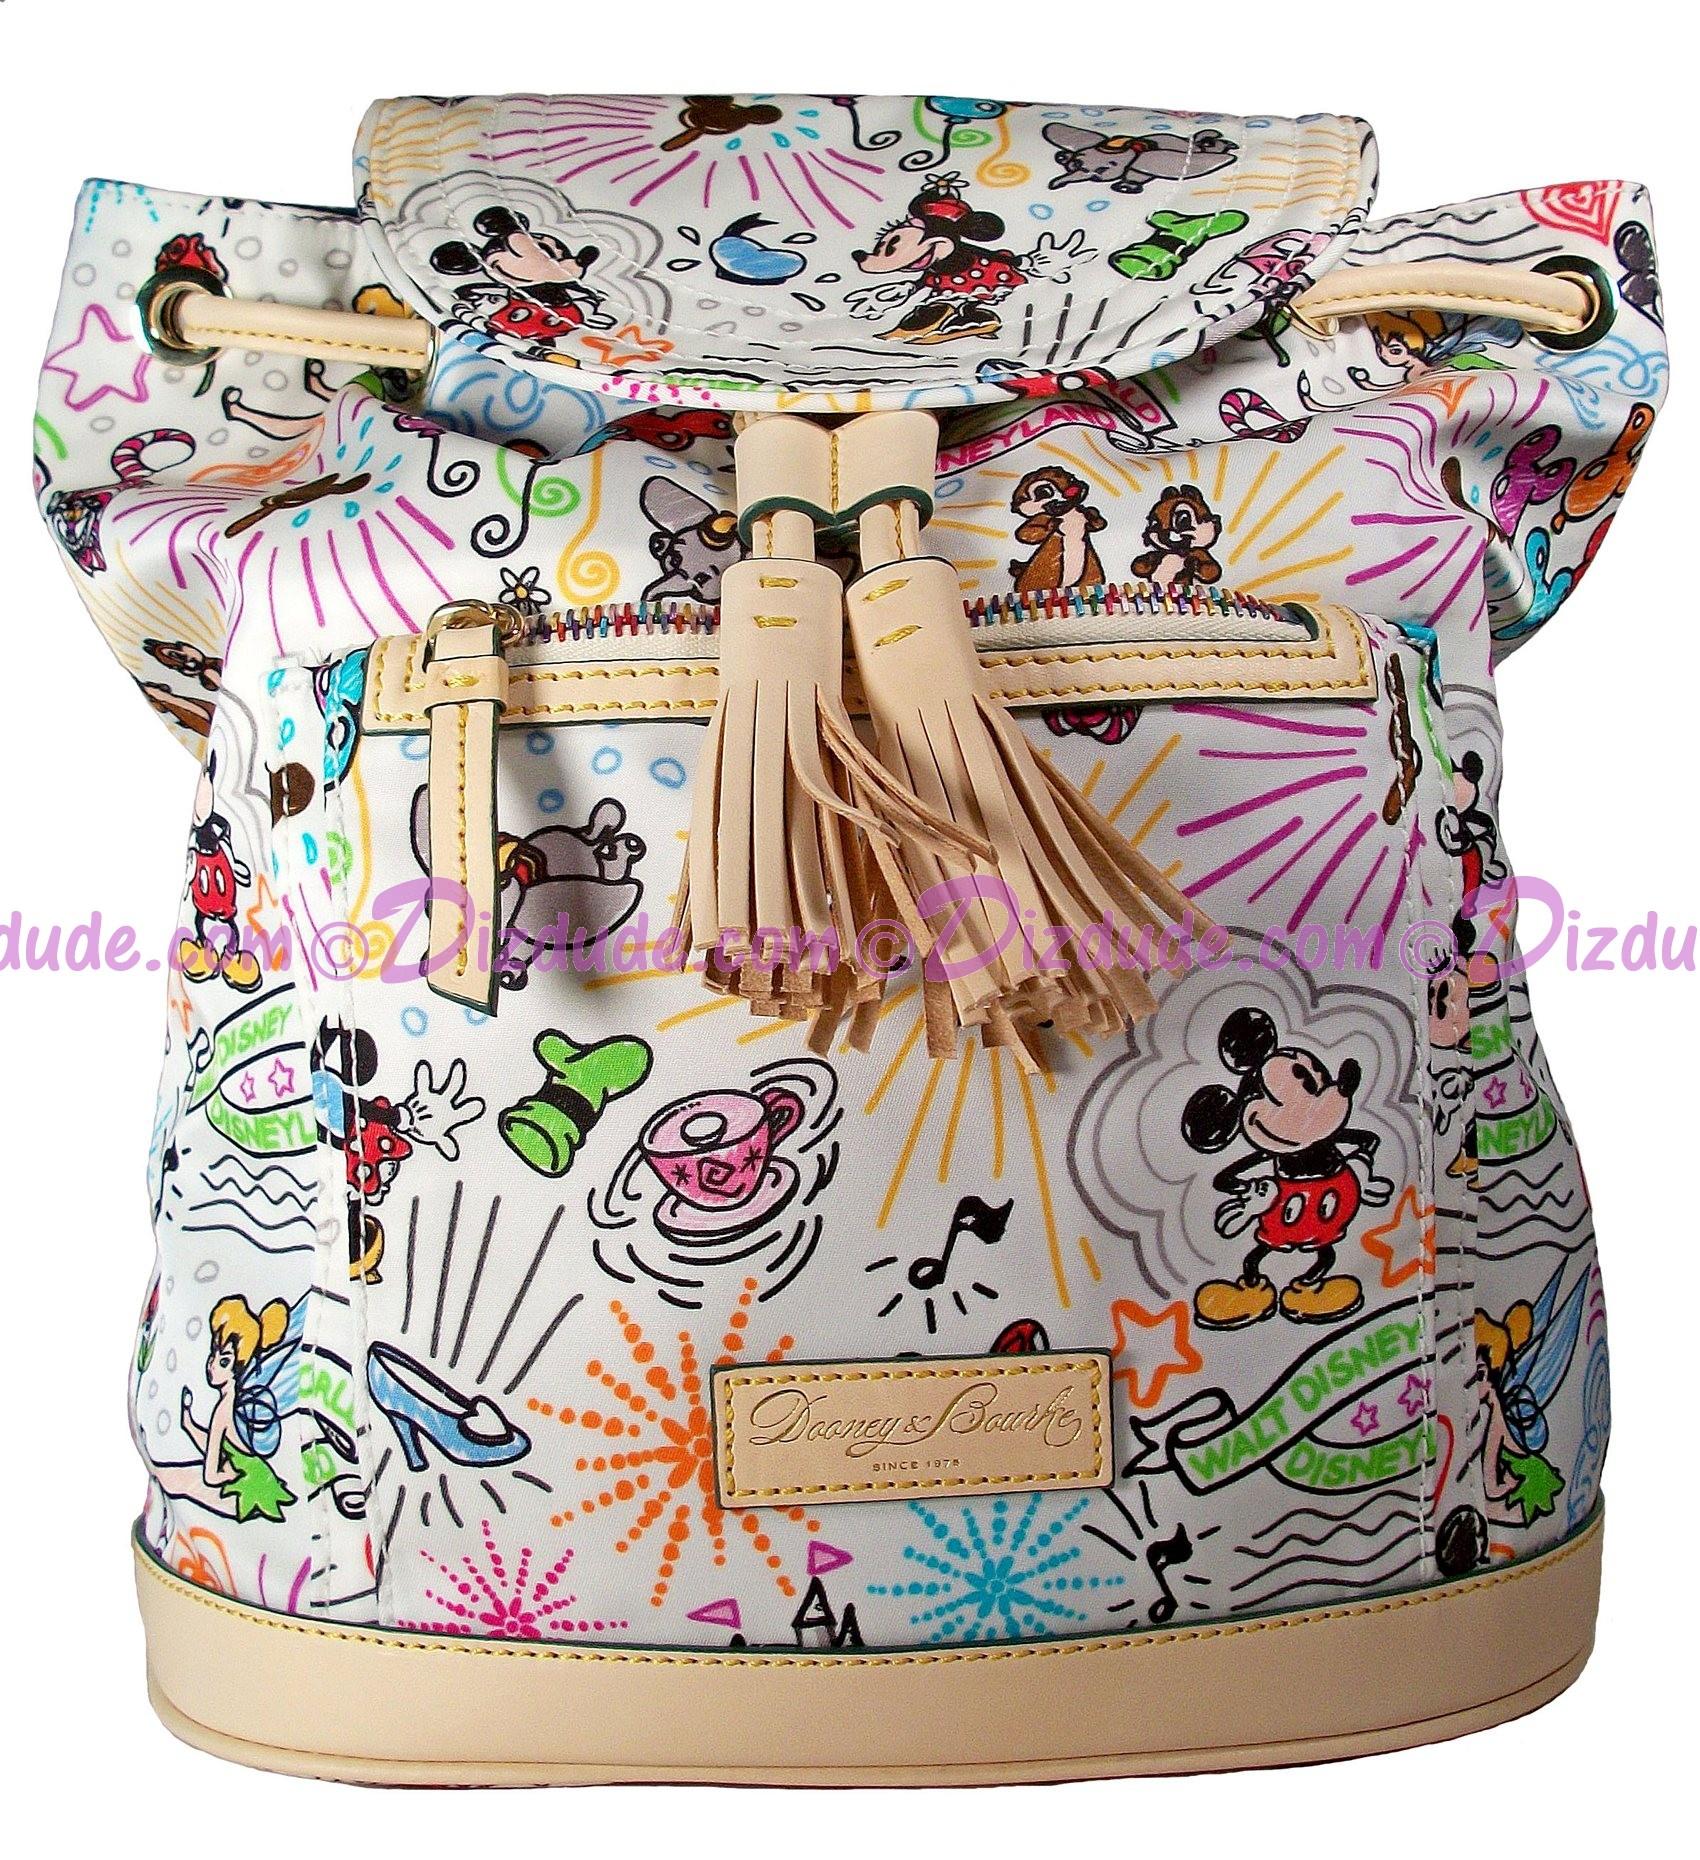 Dooney & Bourke Disney World Exclusive Classic Sketch Backpack  Front © Dizdude.com